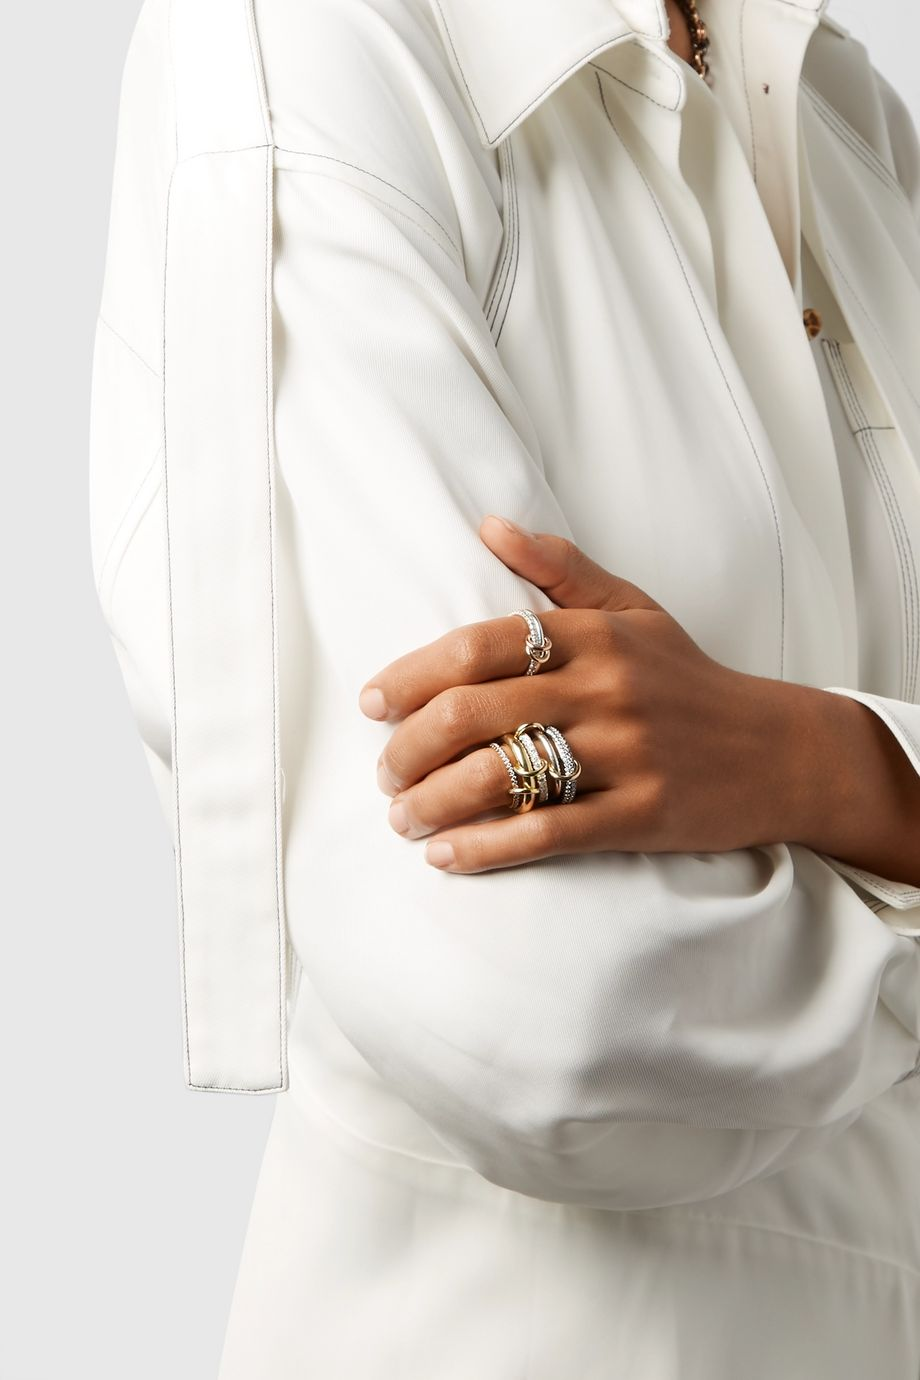 Spinelli Kilcollin Leilani Set aus fünf Ringen aus 18 Karat Gold und rhodiniertem Sterlingsilber mit Diamanten